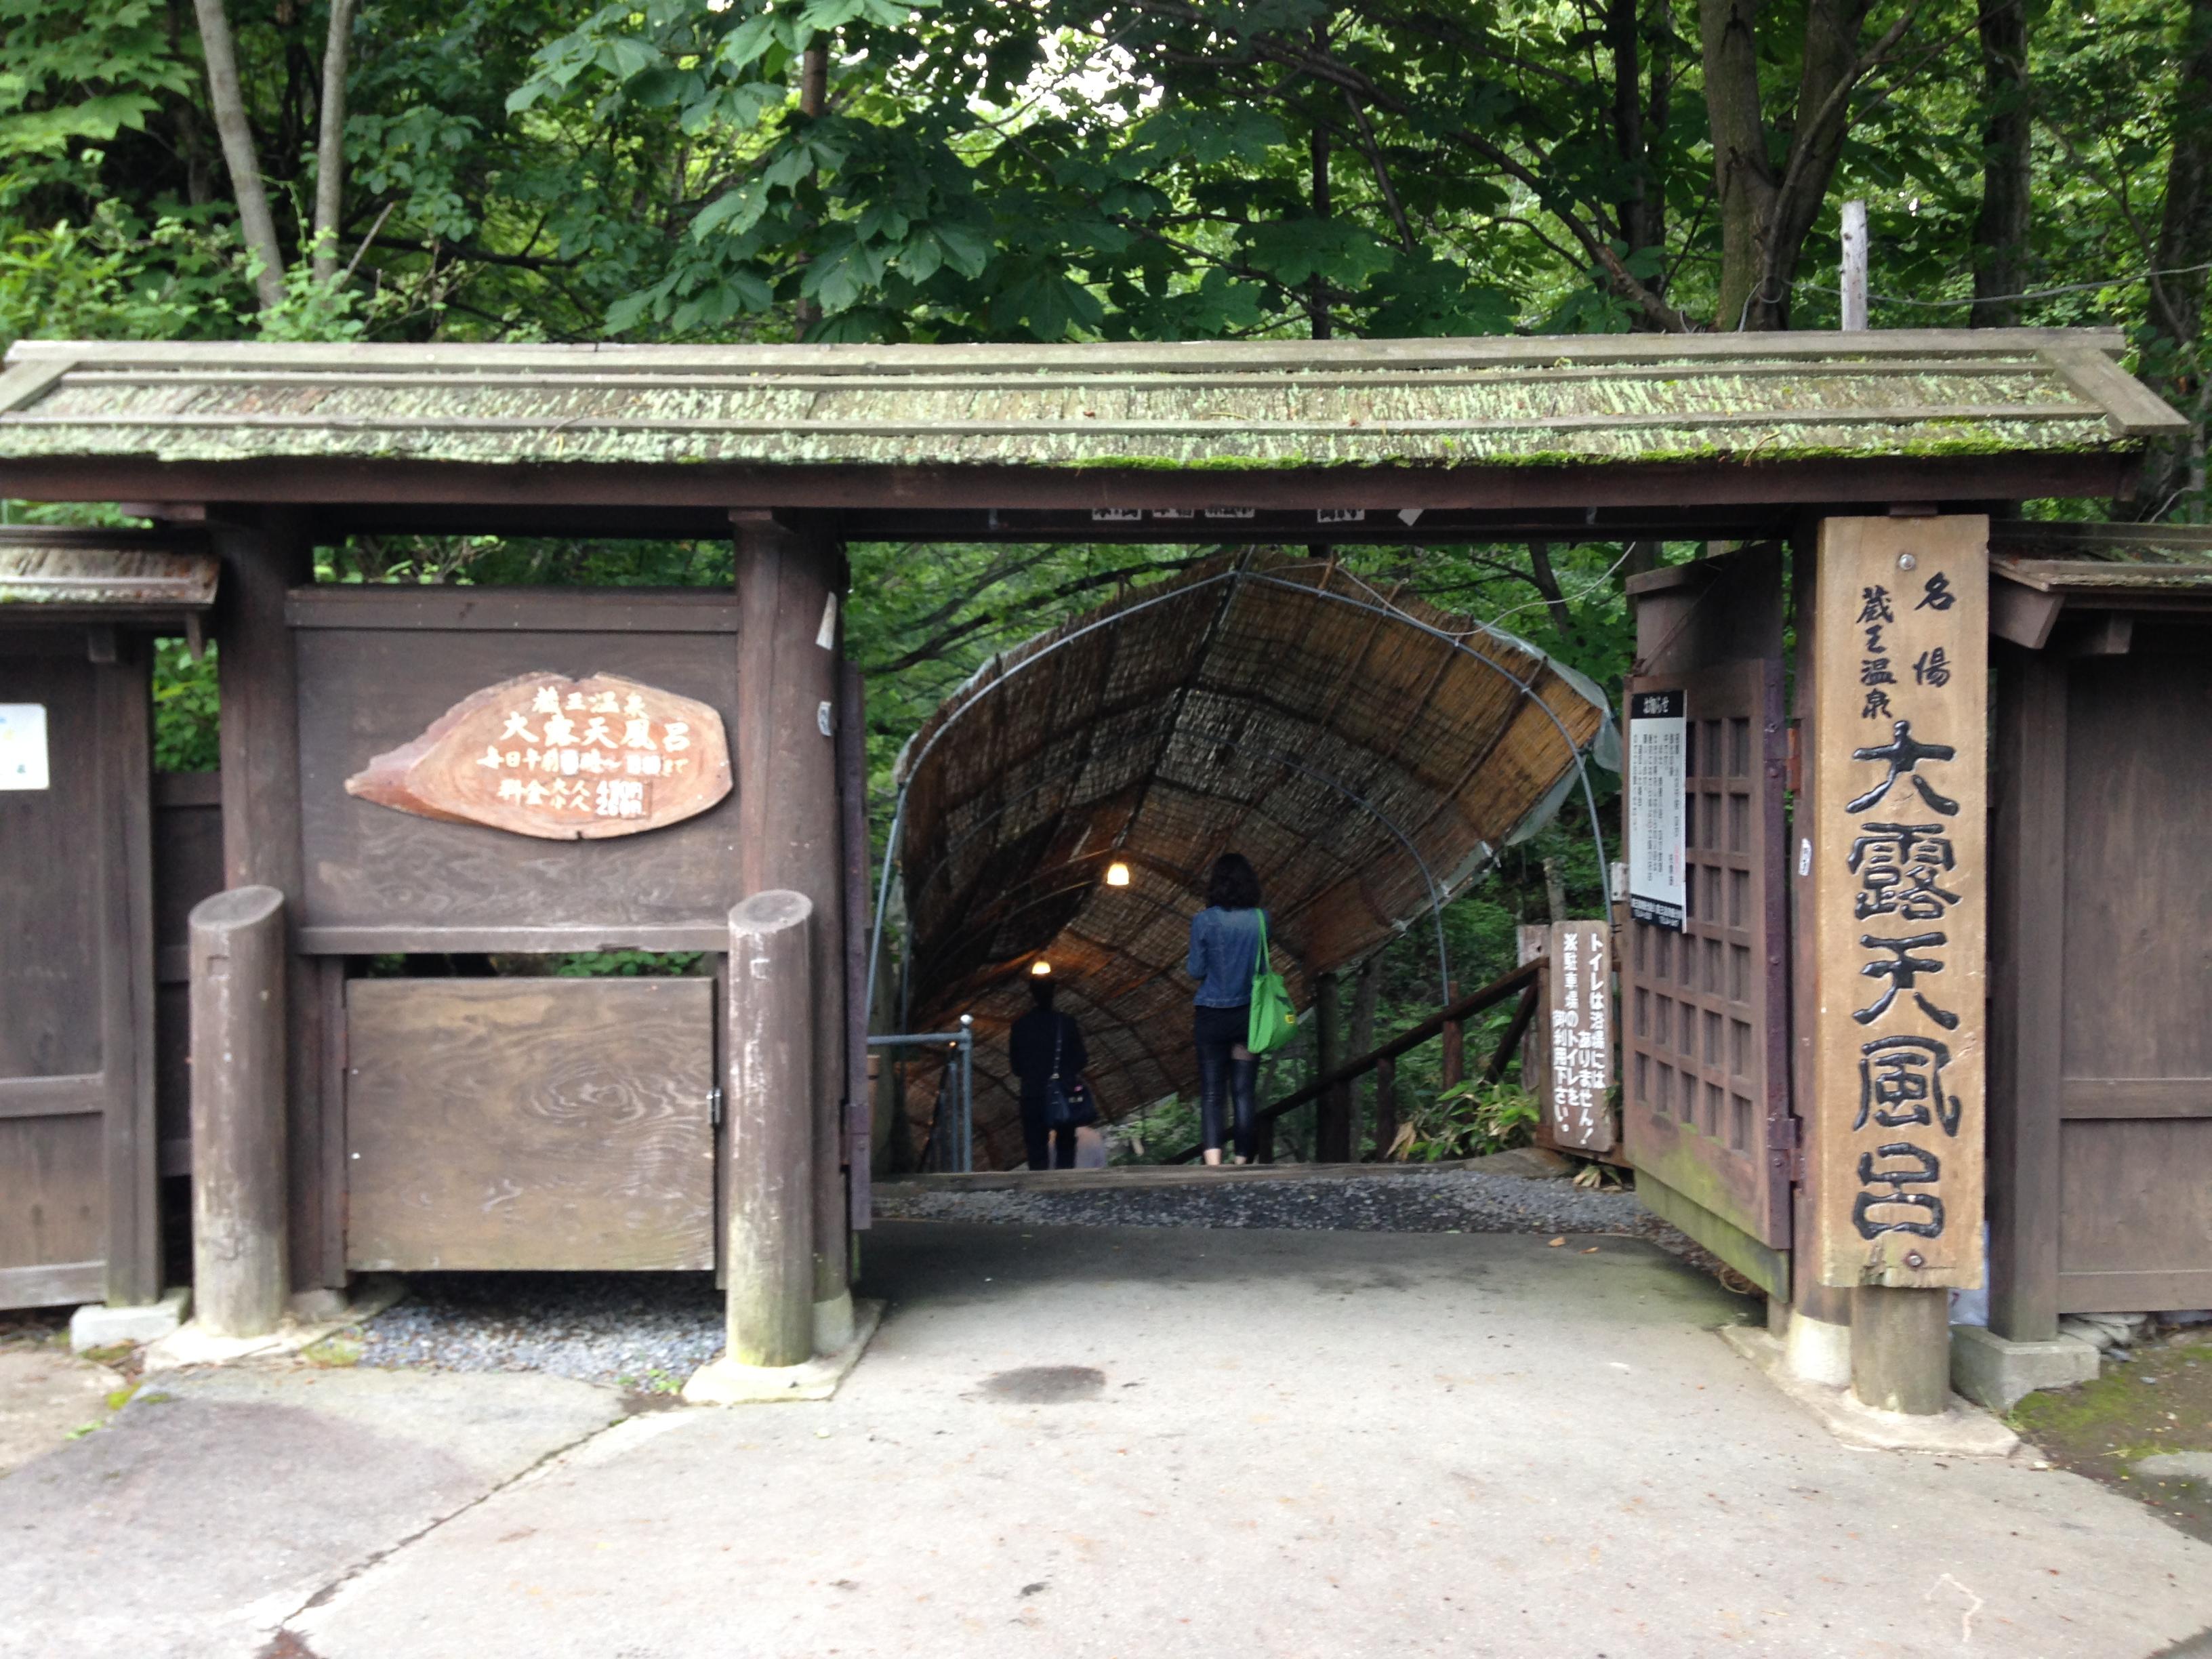 蔵王温泉大露天风吕的入口处。